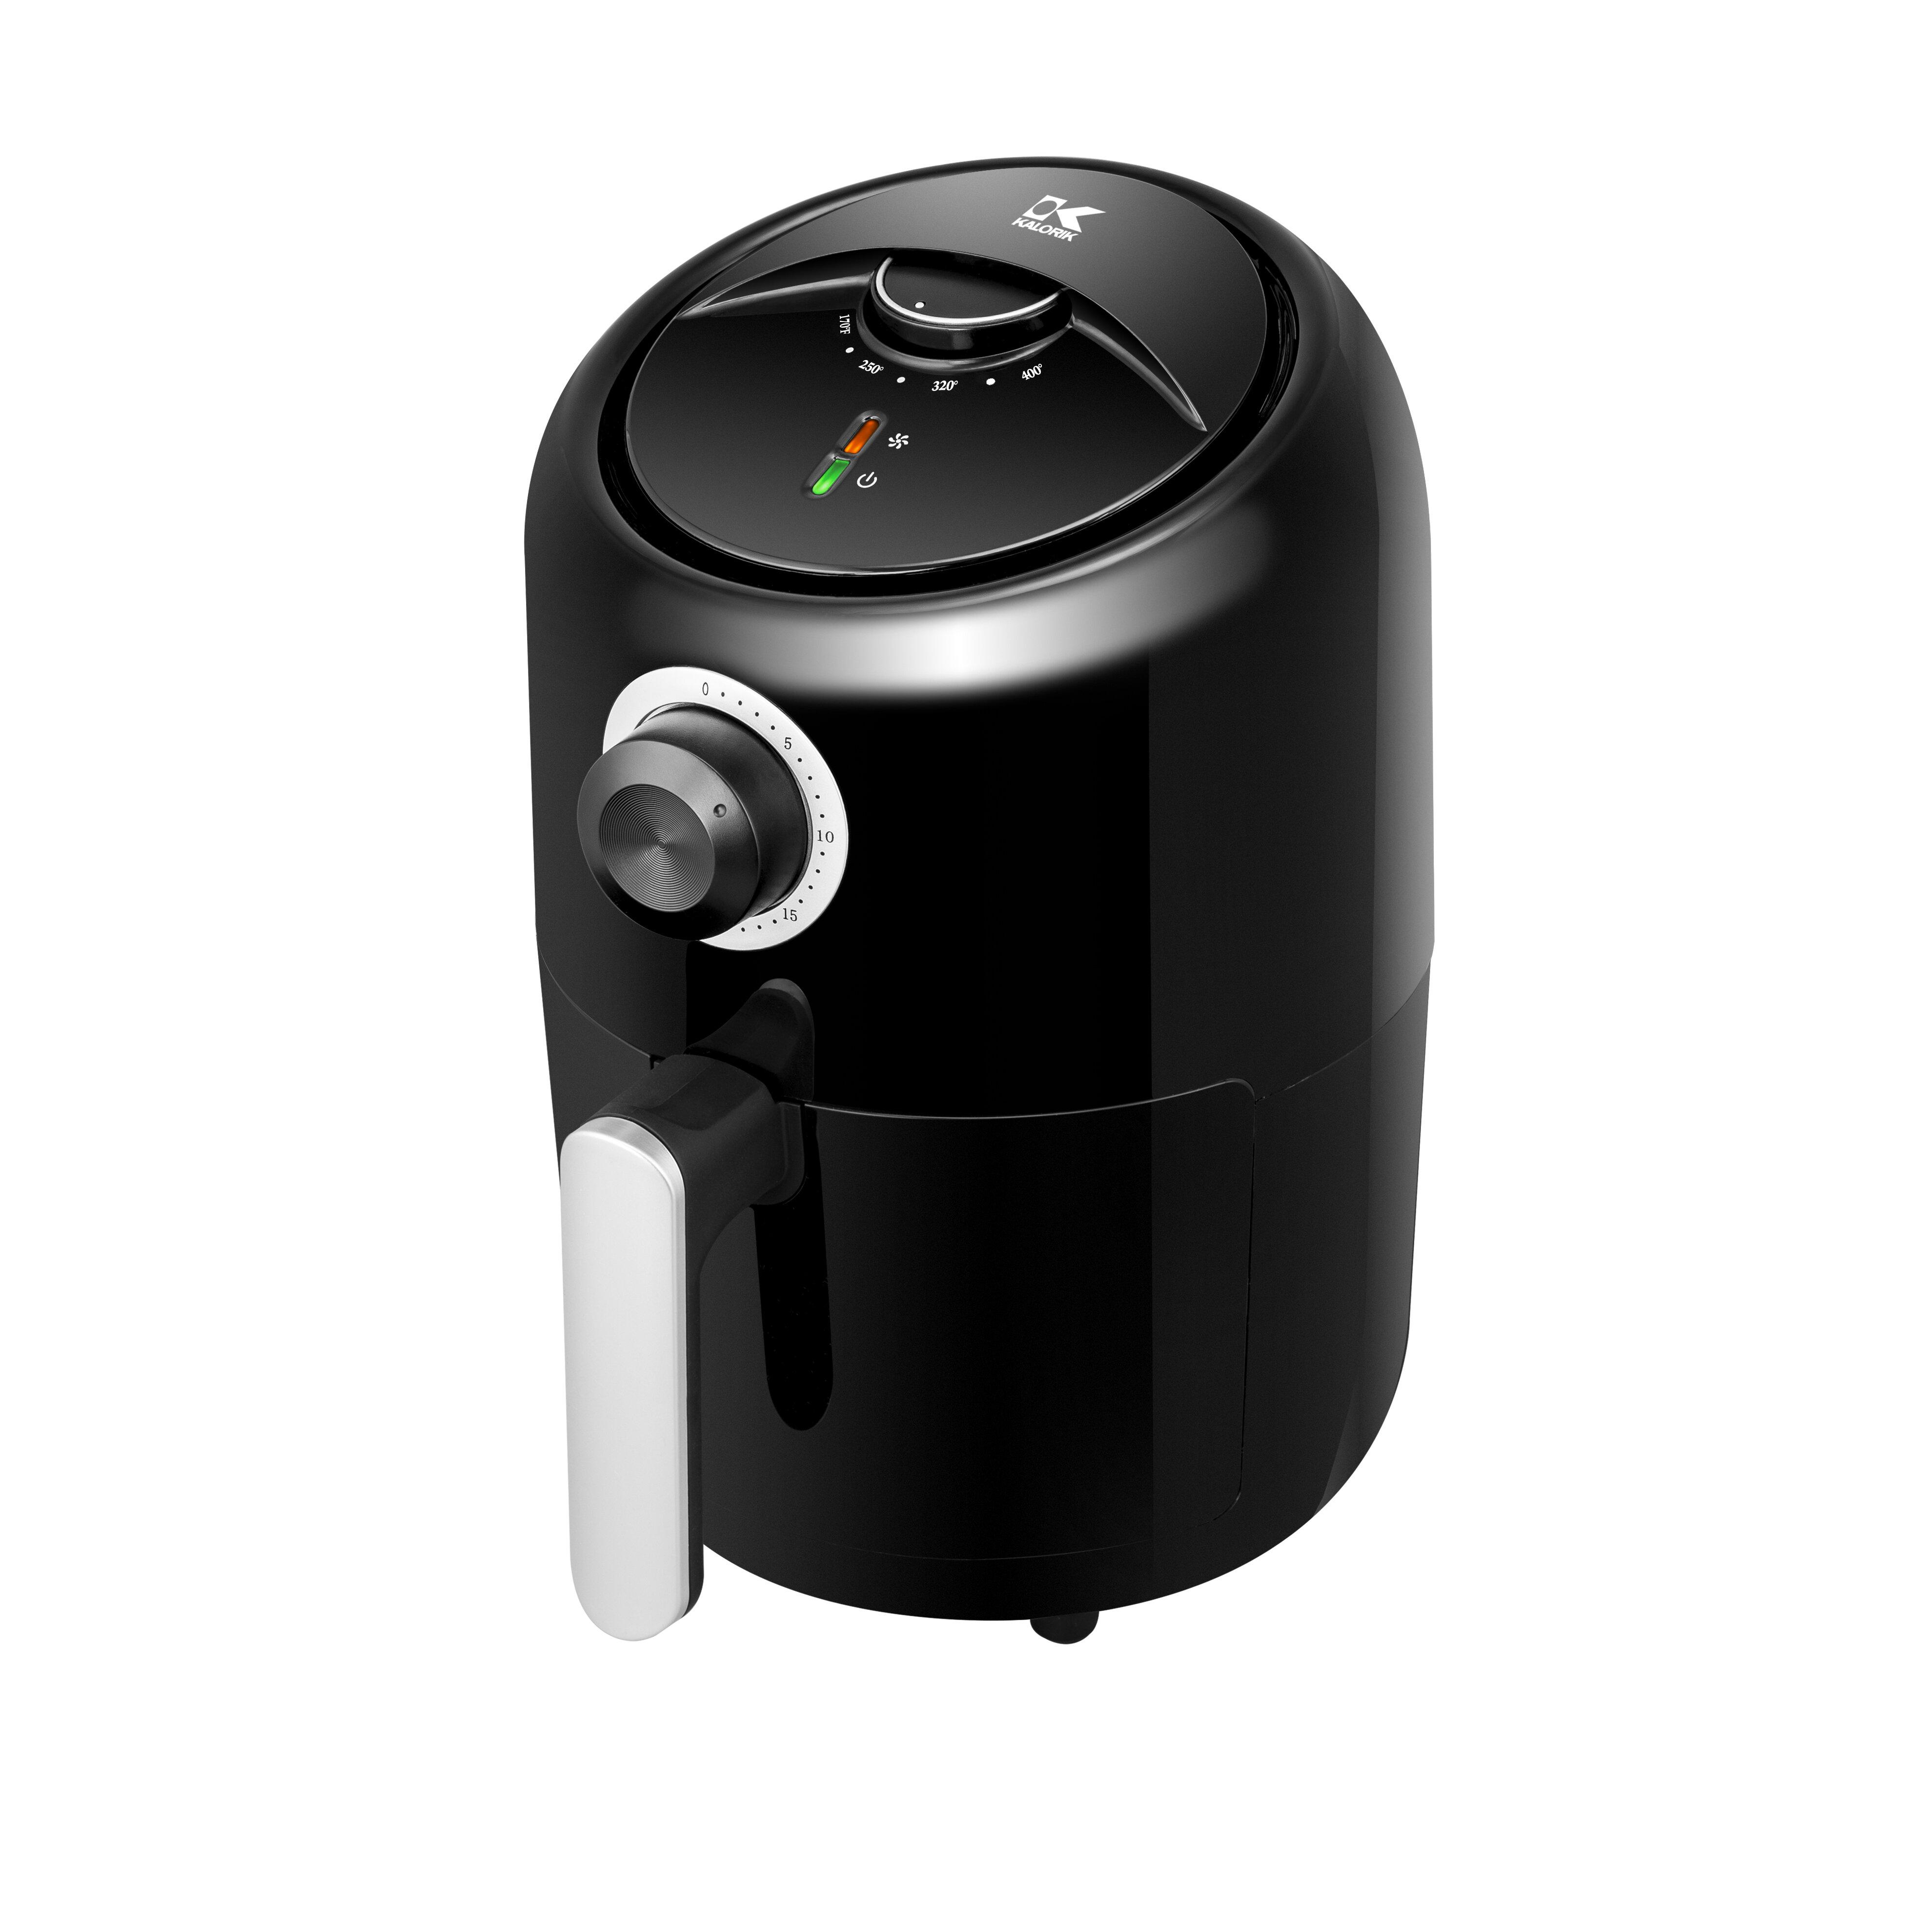 Kalorik 1.6 Liter Personal Air Fryer & Reviews | Wayfair